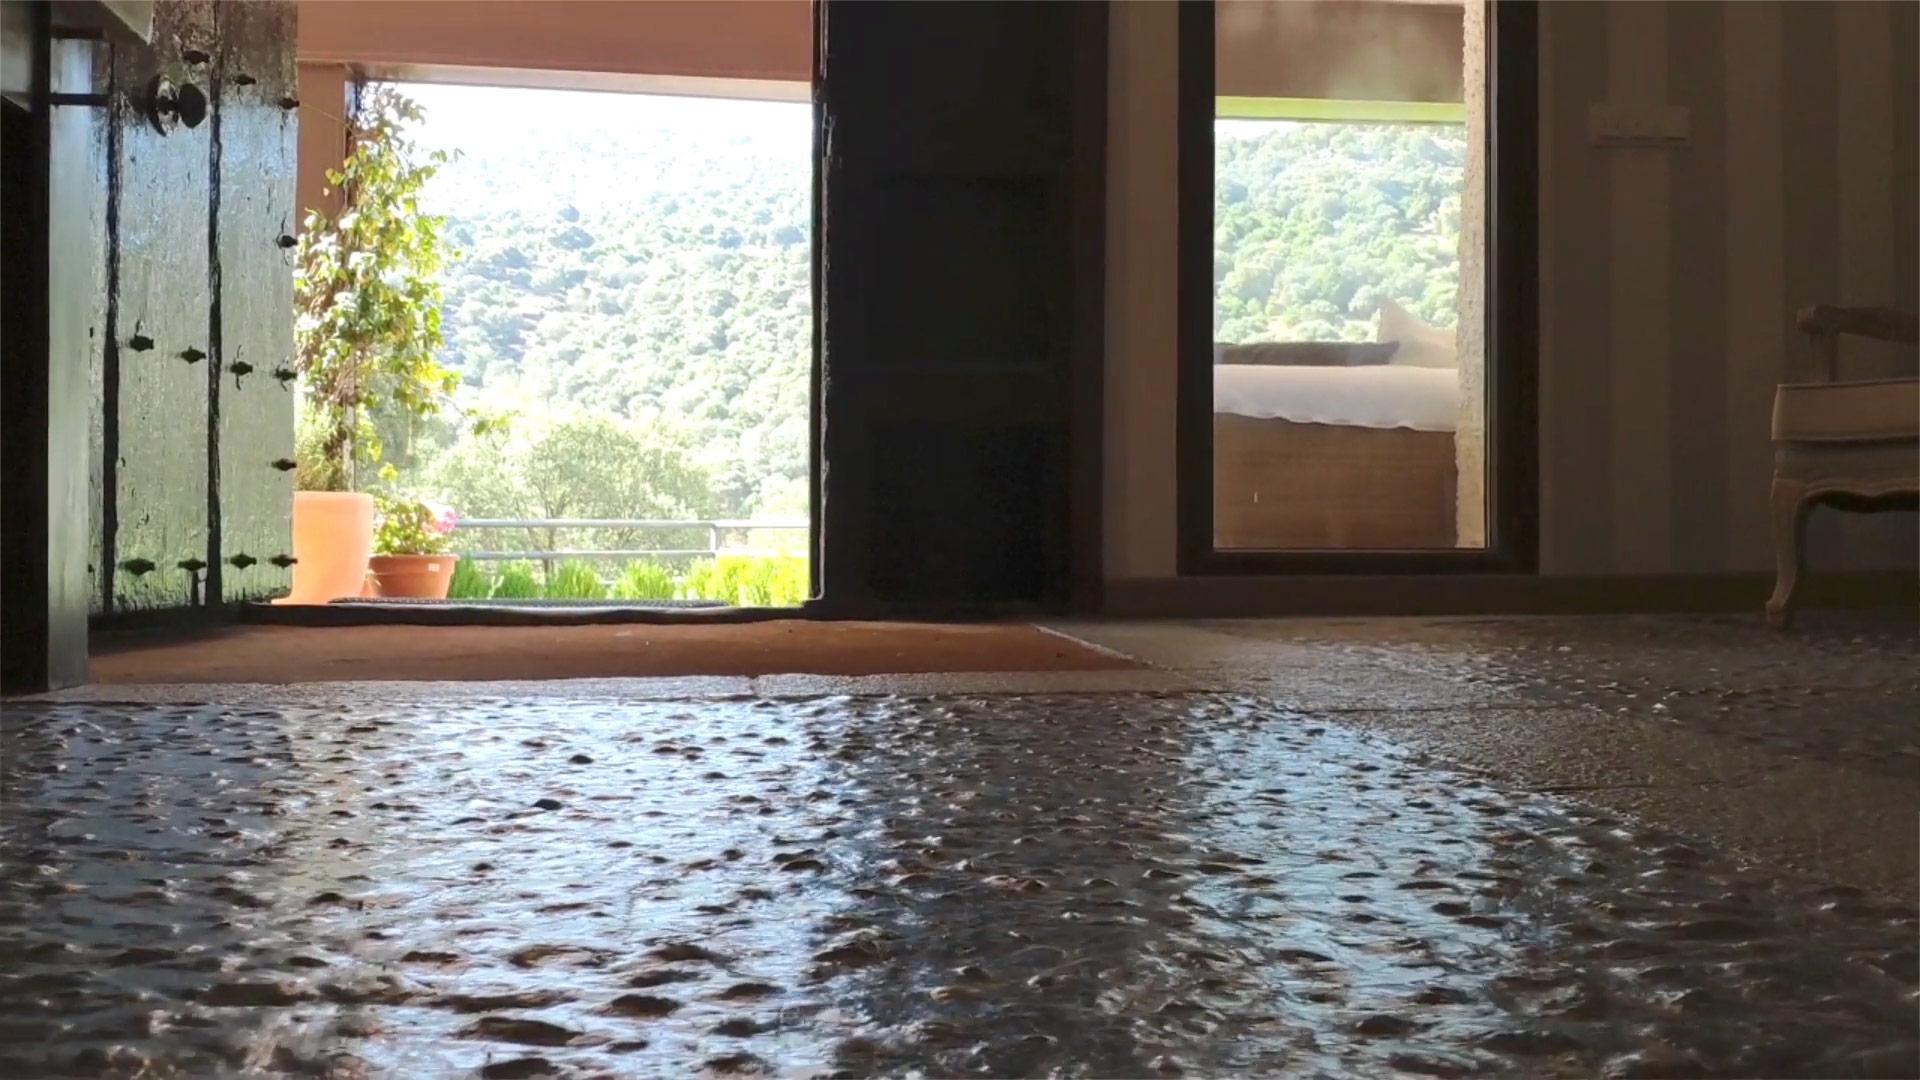 Renovación Villa Rústica | Reforma de Casa Rústica | Momentos de Intimidad | Proyecto Actuaciones en Interior | Restauramos conservando la esencia del tiempo | Drékaro